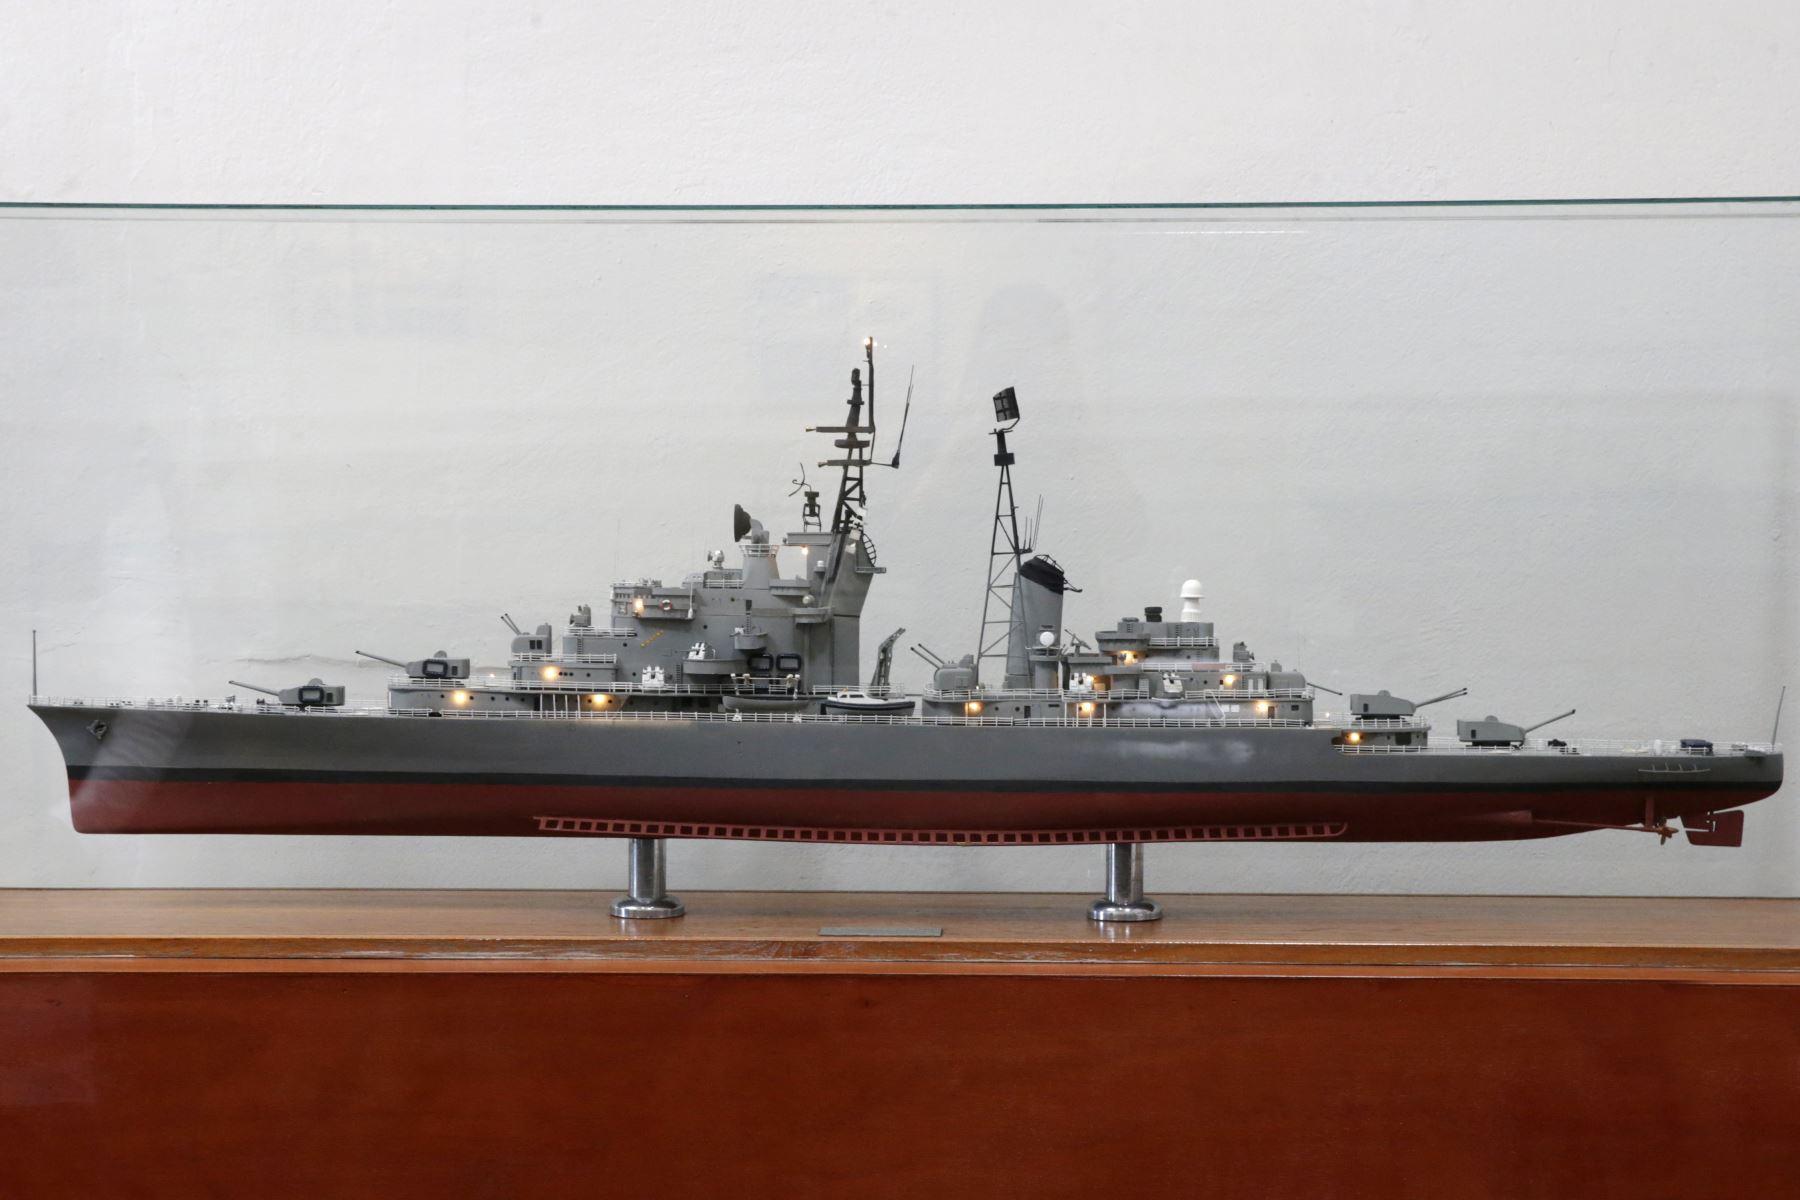 Museo Naval. Maqueta del BAP Almirante Grau que fue buque insignia de la Armada Peruana. La maqueta la elaboró José Antonio Bedoya. Foto: ANDINA/Melina Mejía